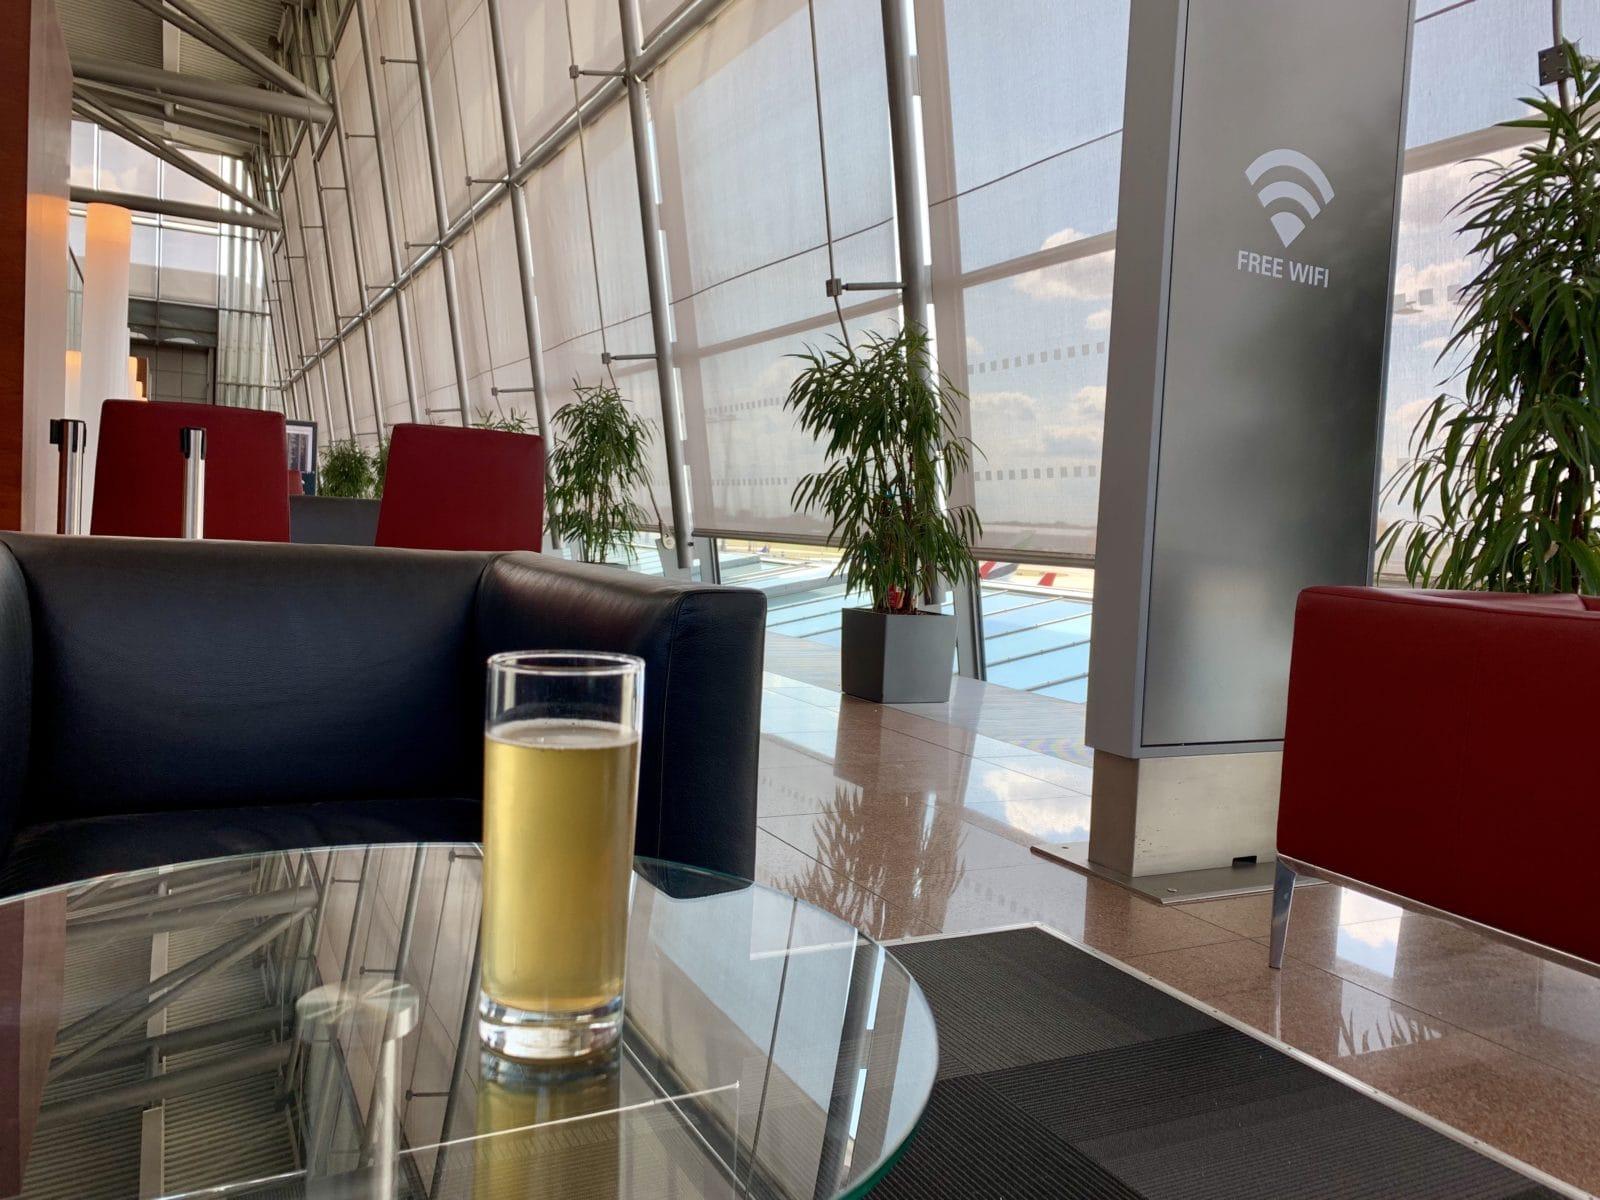 Sechs Airlines wechseln Terminal, daher kann es zu längeren Wartezeiten kommen